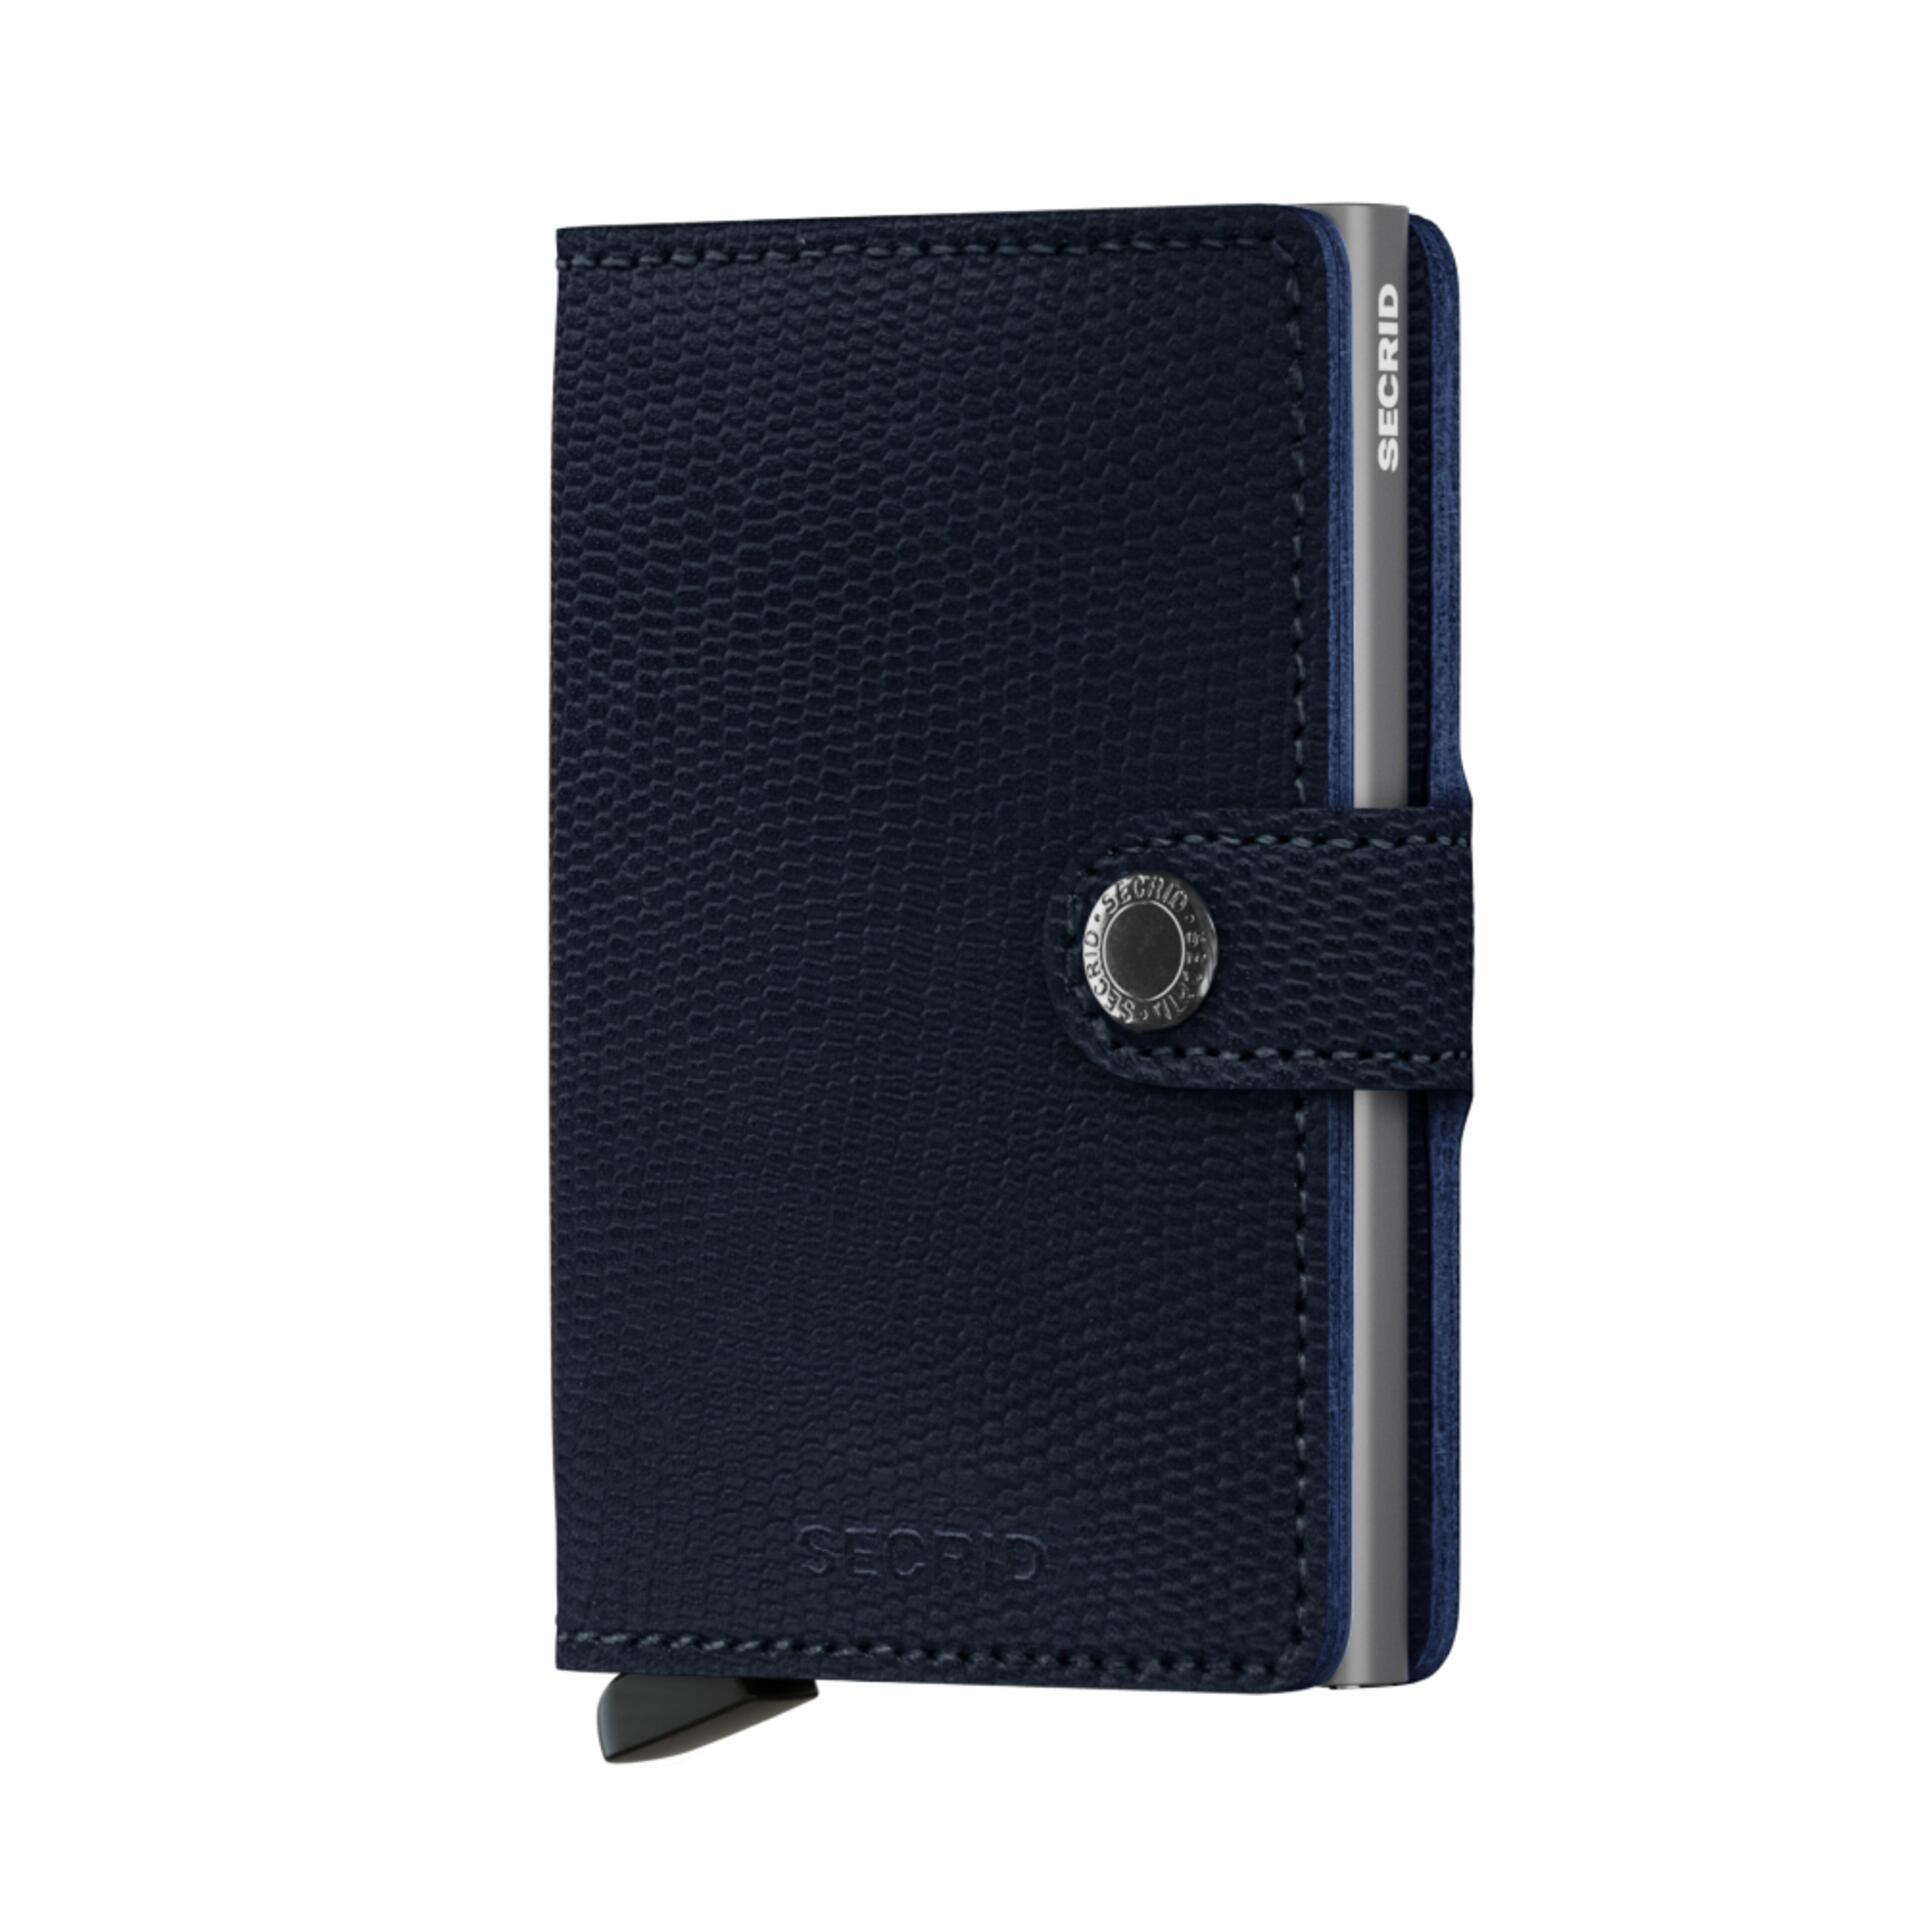 Secrid Miniwallet Rango Blue Titanium Leder